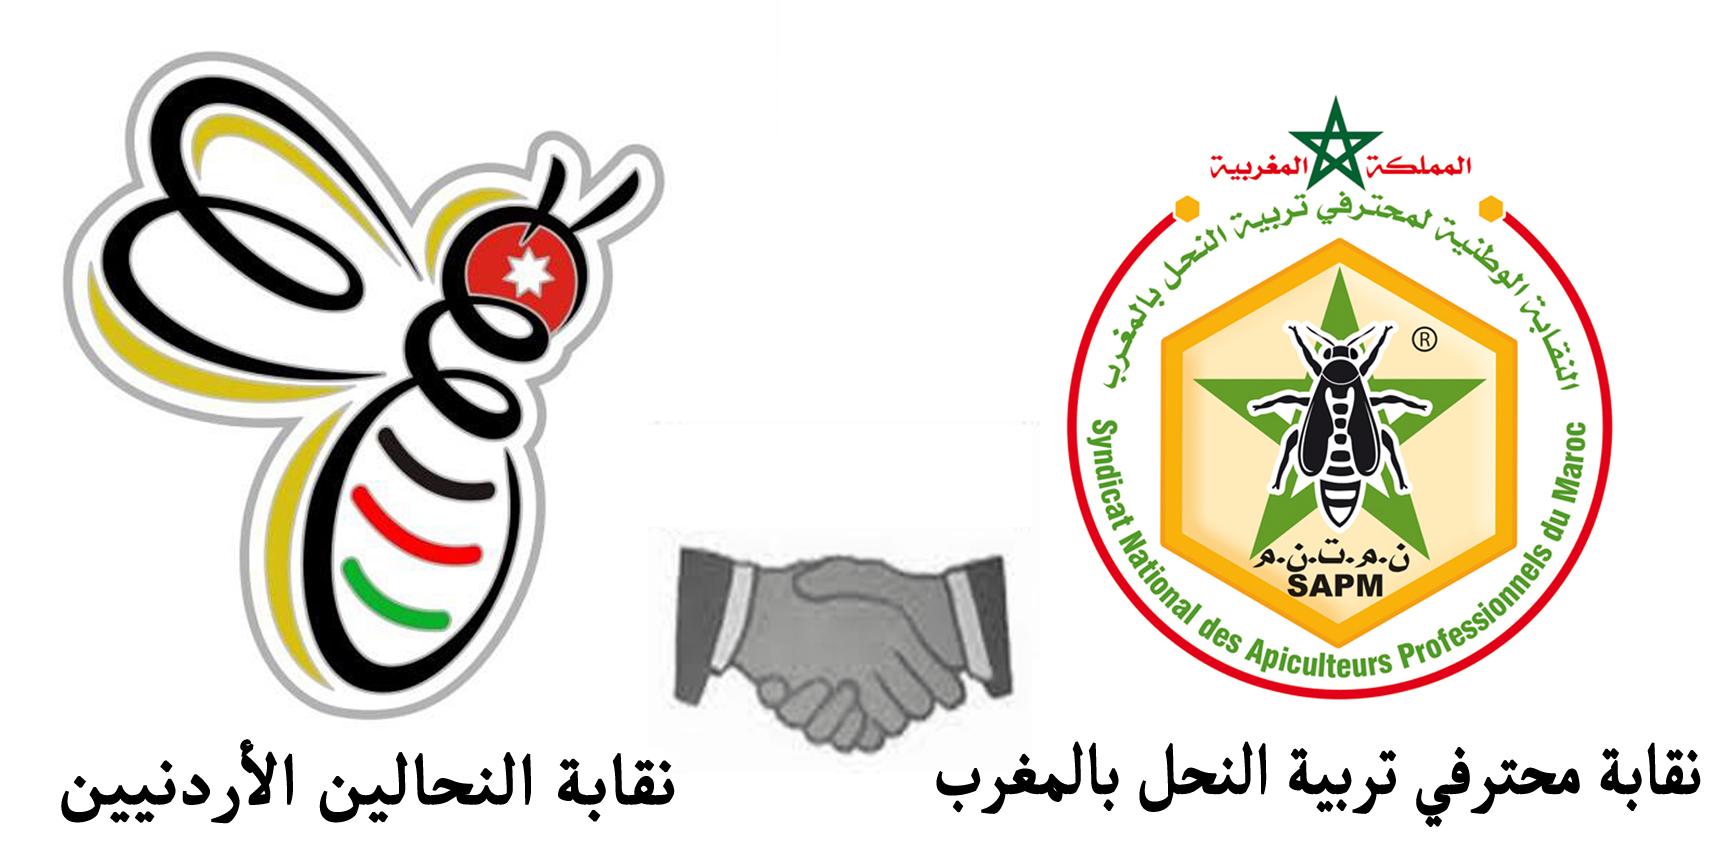 توقيـع اتفـاقيـة لإنجاز مذكرة تفاهم بين نقابة النحالين الأردنيين ونقابة محترفي تربية النحل بالمغرب.